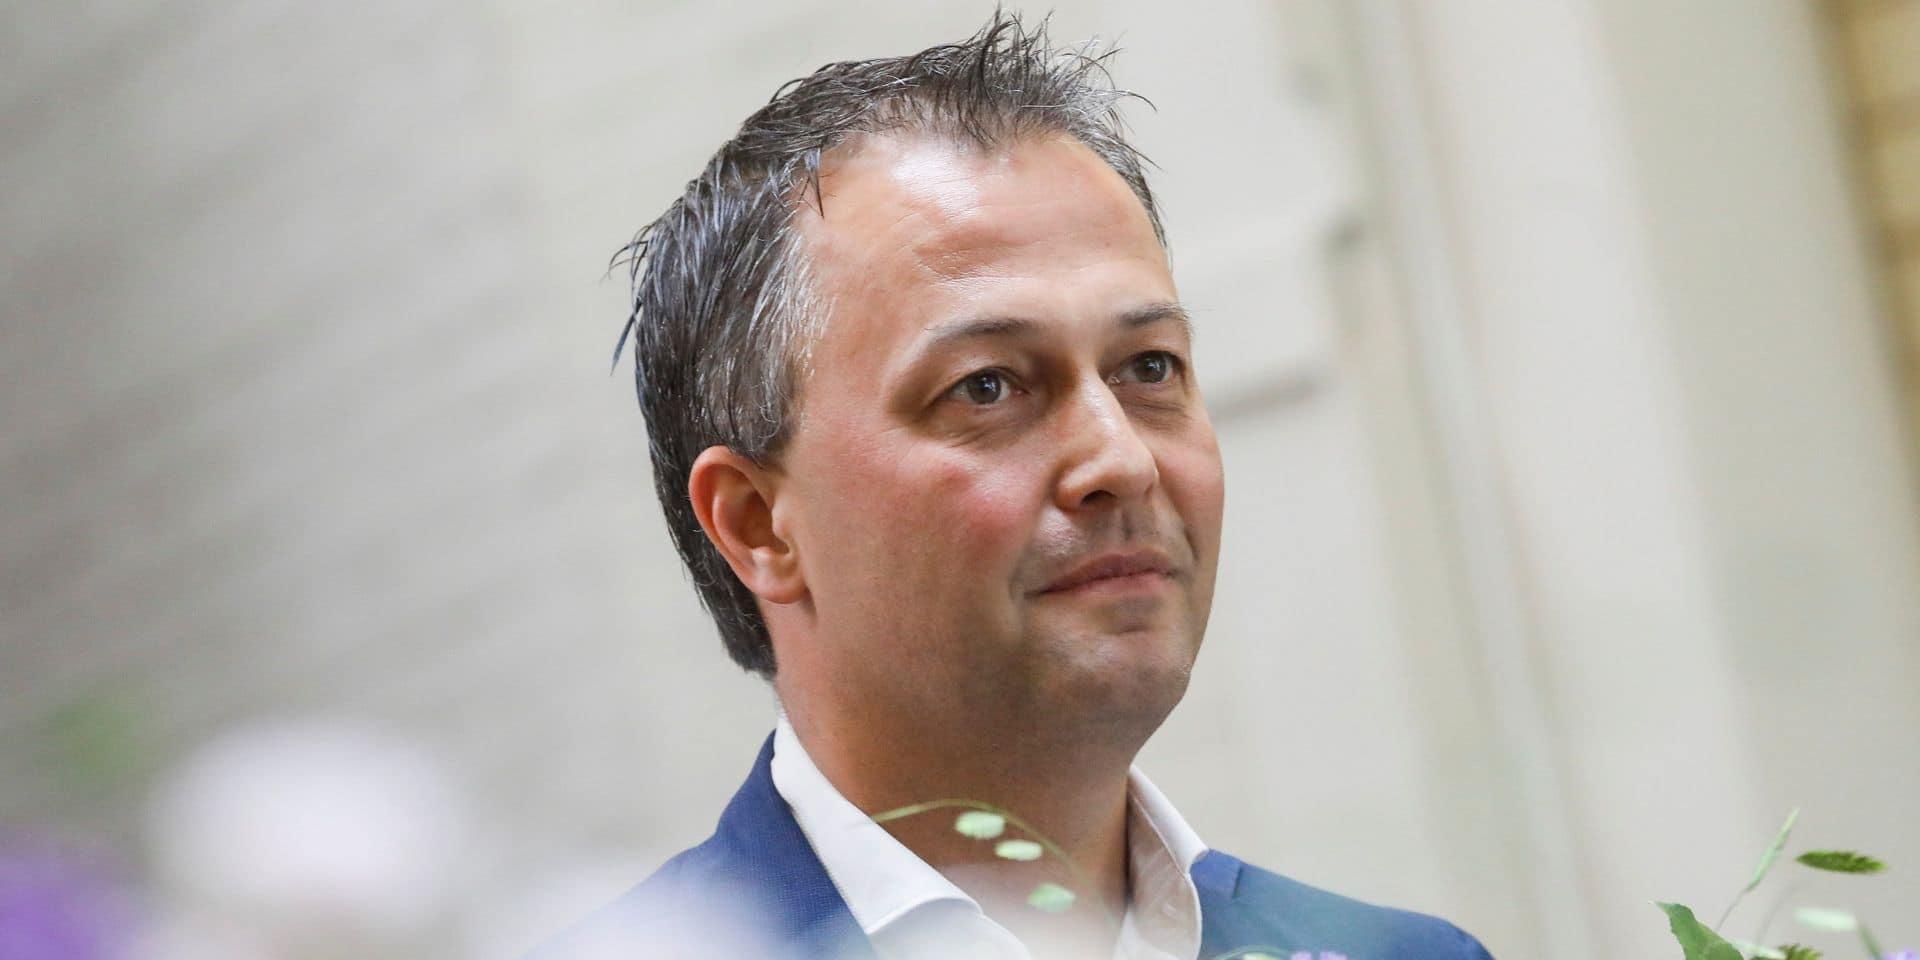 Le nouveau président de l'Open Vld exclut de discuter avec le Vlaams Belang